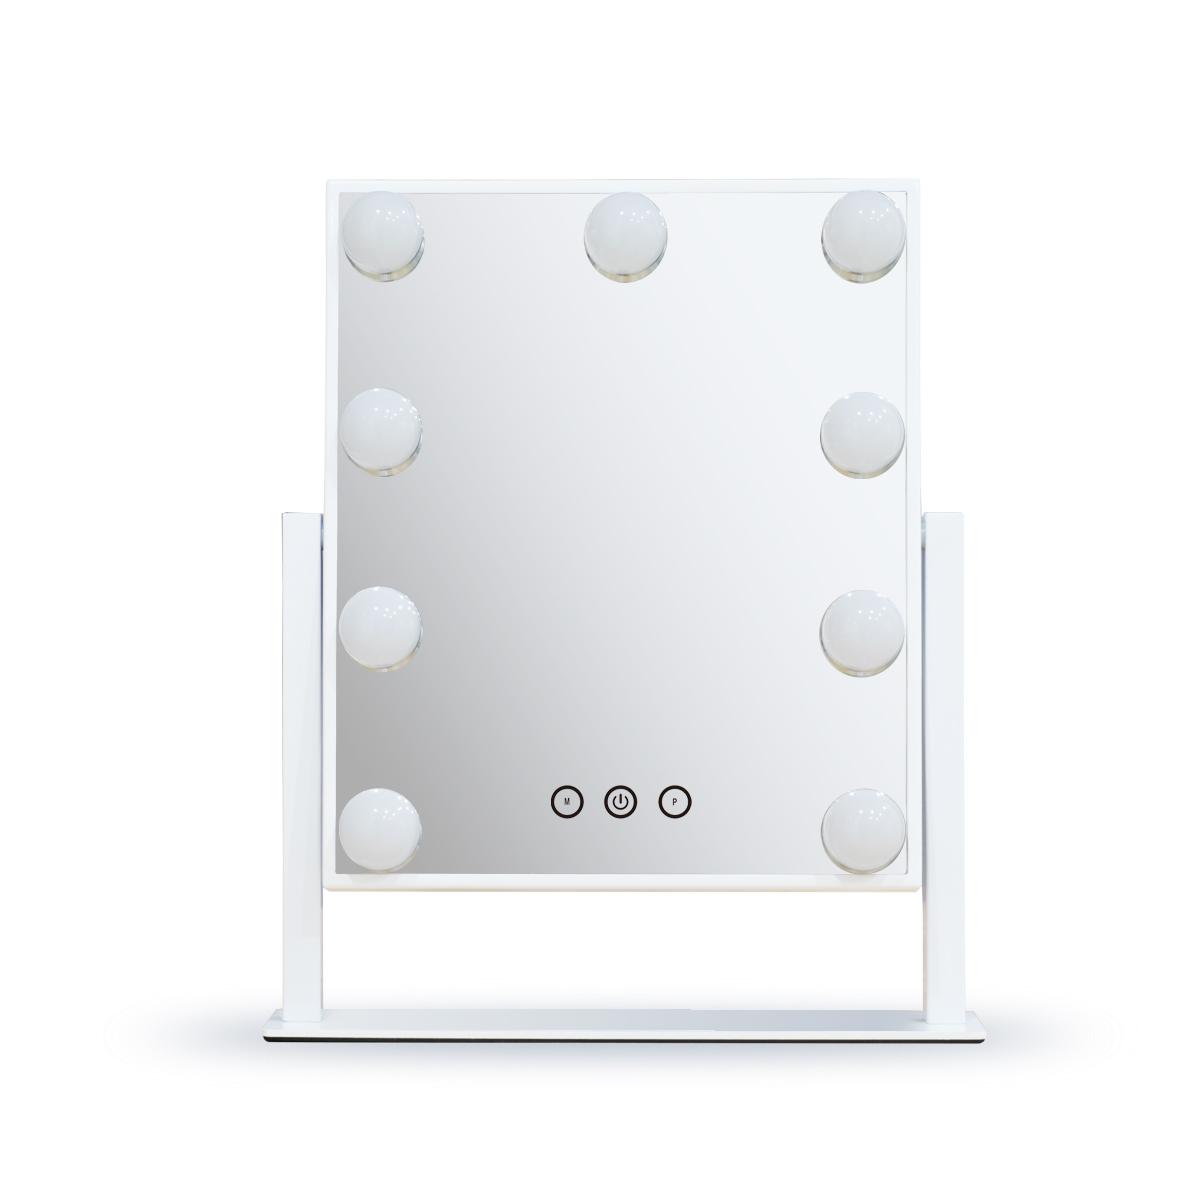 Зеркало гримерное настольное DP331 (белое) - изображение